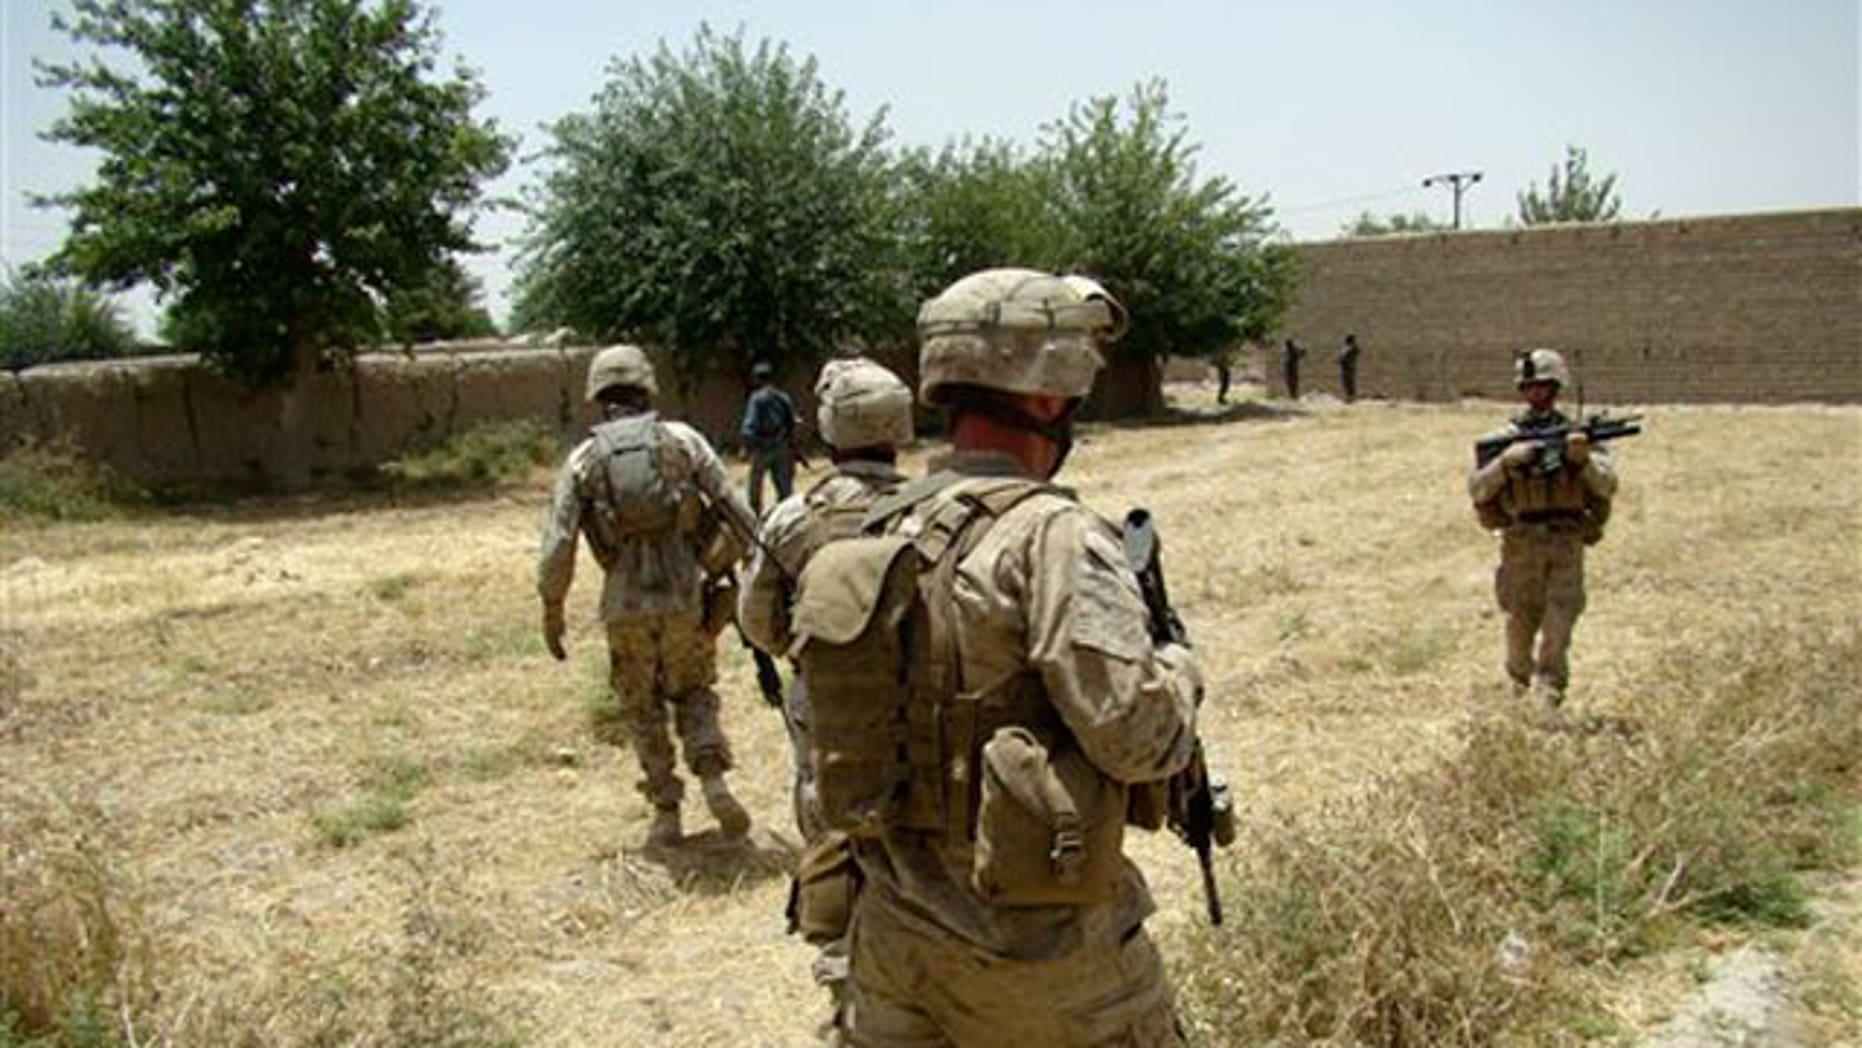 U.S. service members in Helmand Province, Afghanistan.